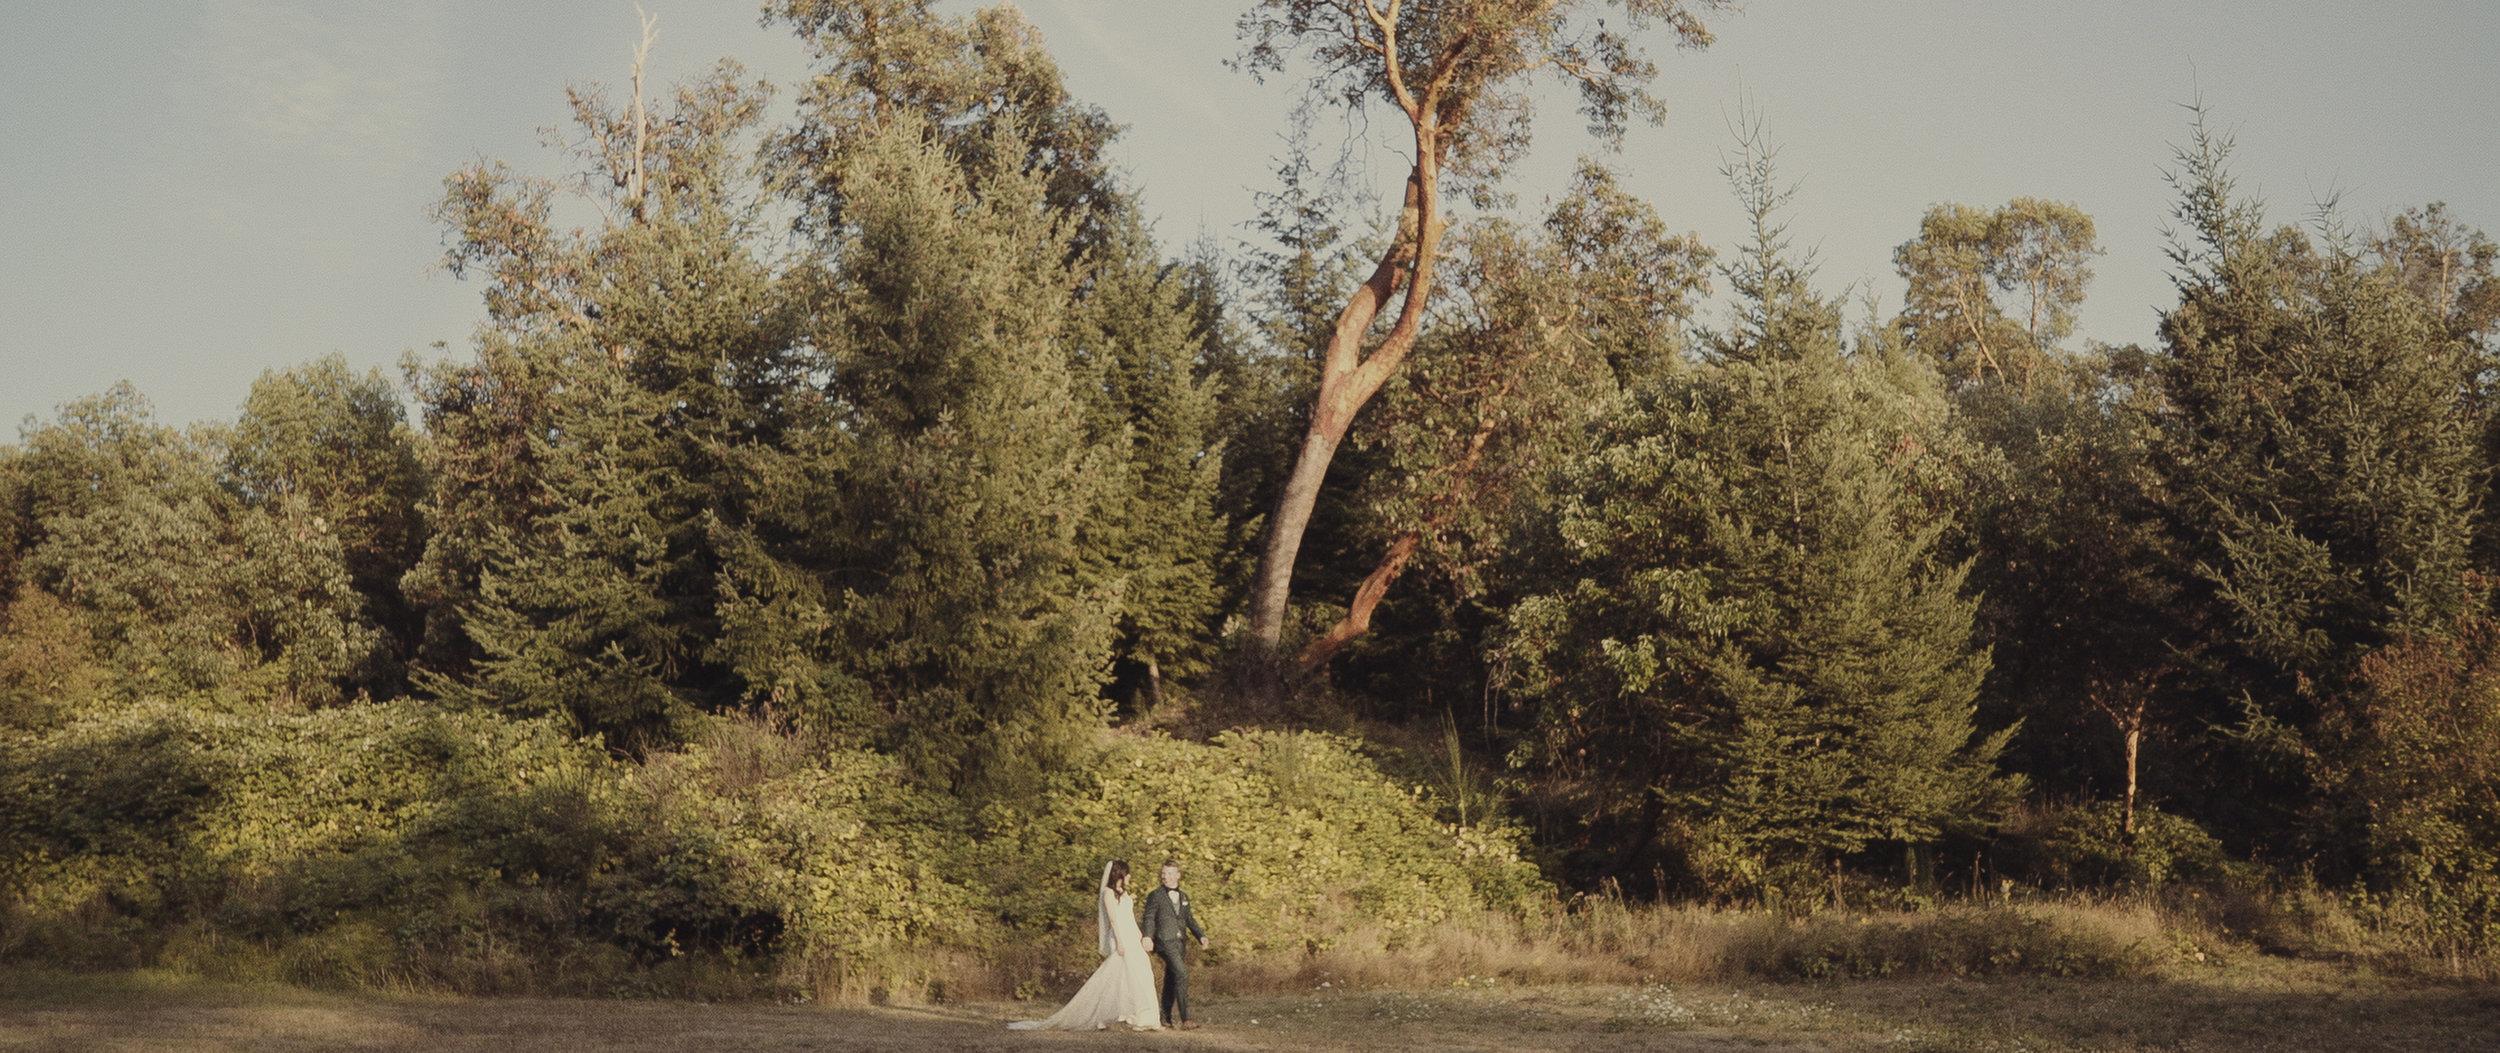 West Coast Wedding Videography-2.jpg